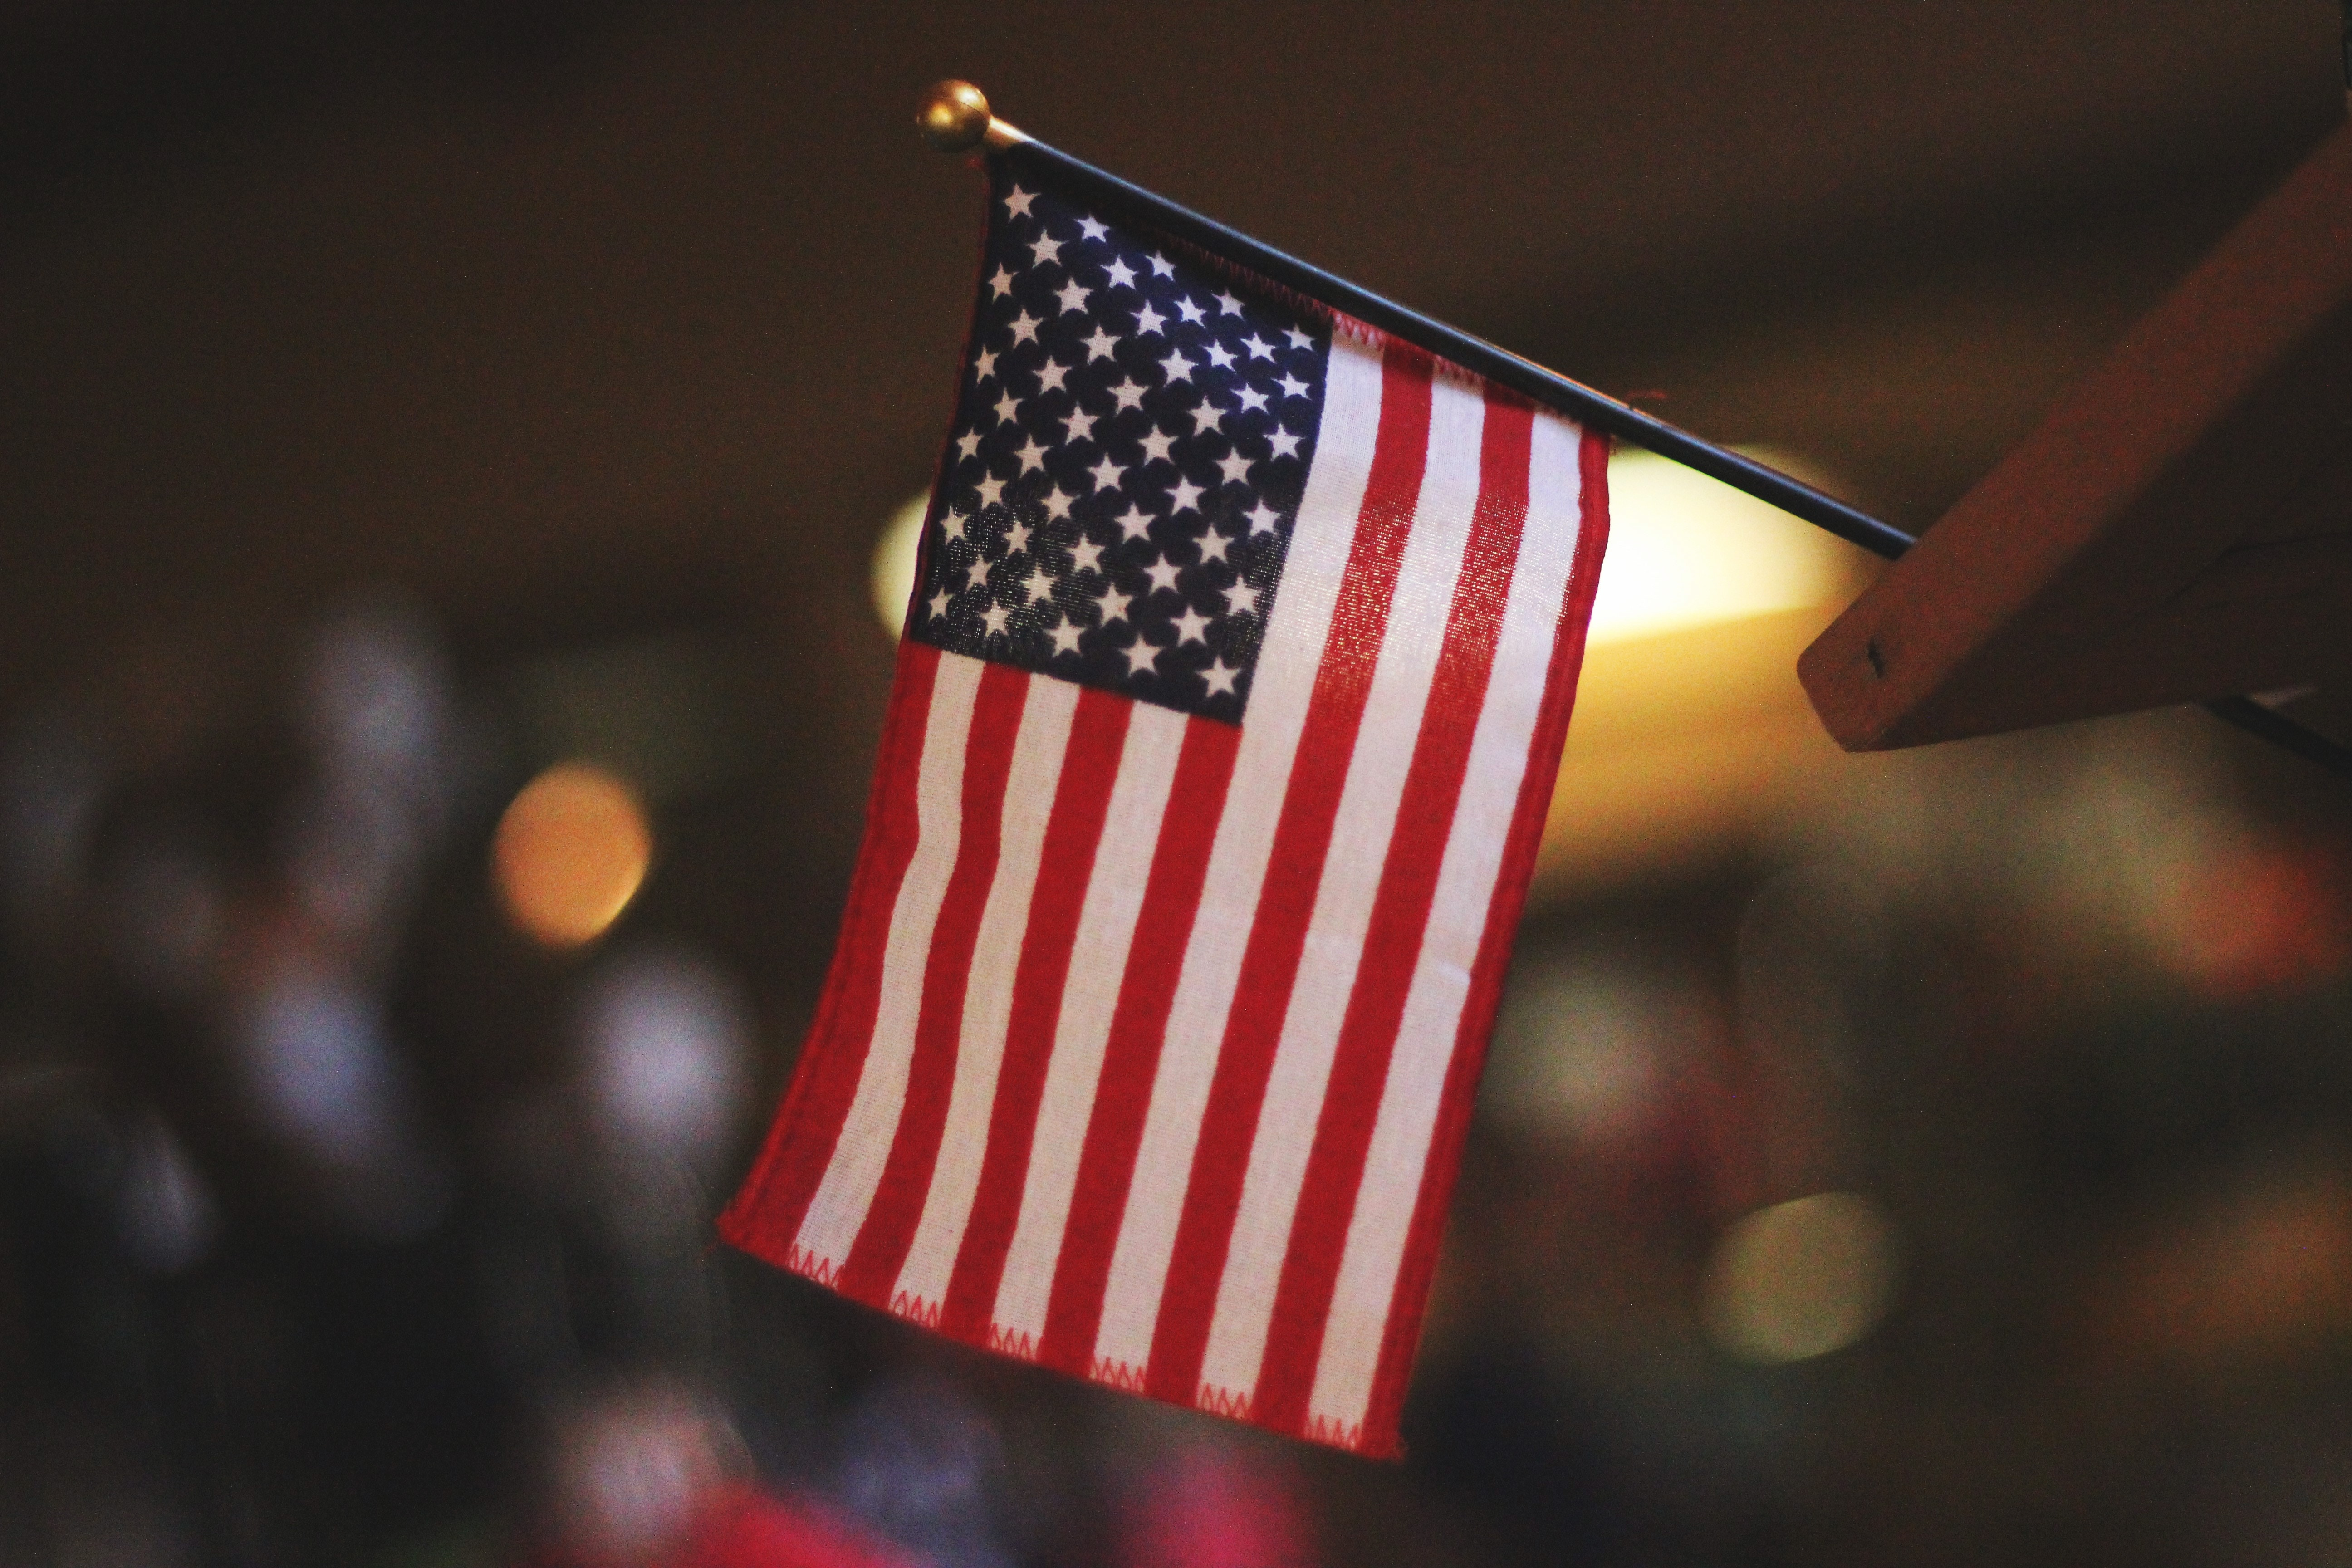 U.S. refugee cap drops